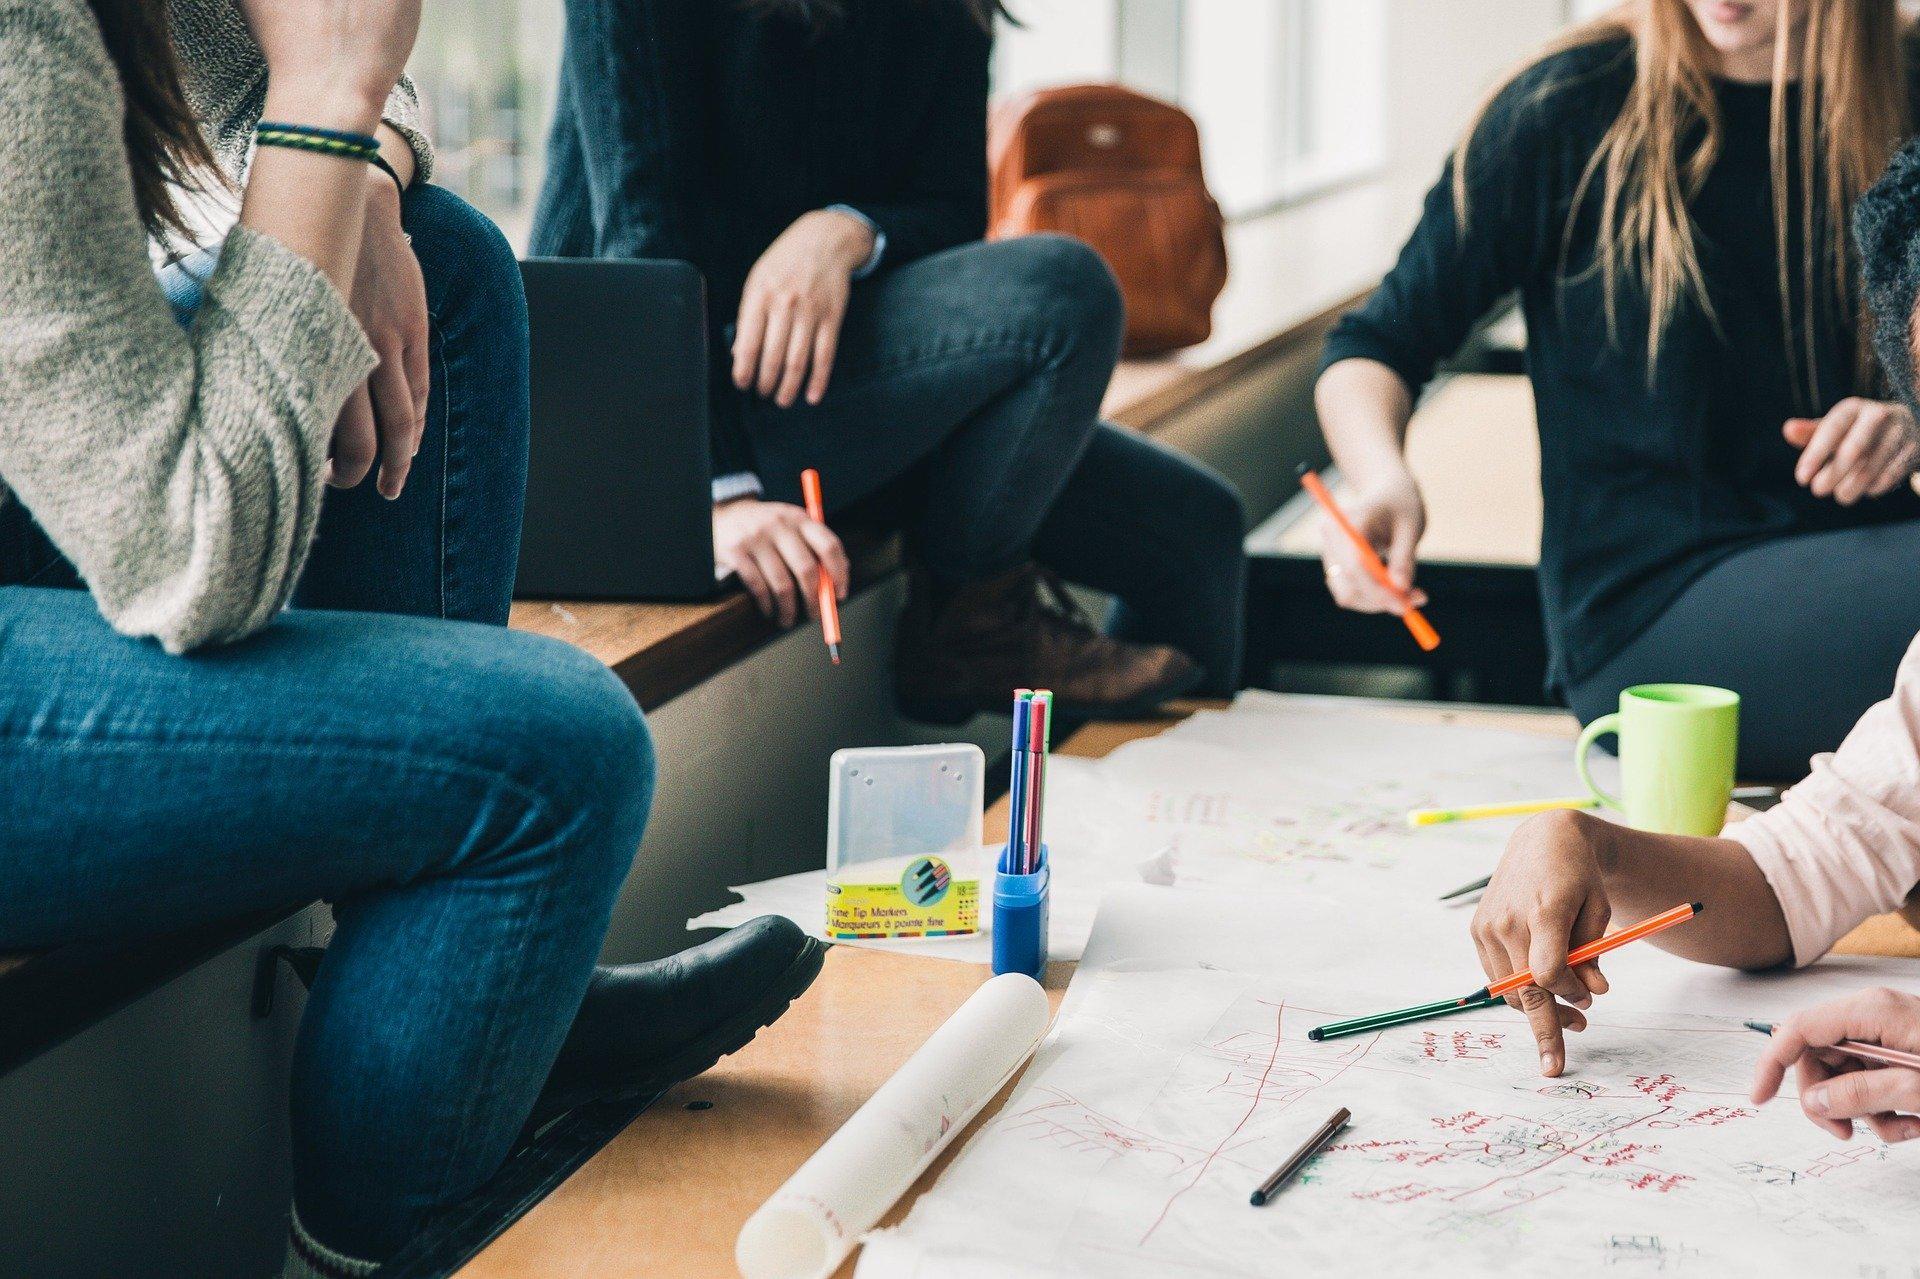 Bild Lerngruppe mit Schülern, Quelle: Bild von StockSnap auf Pixabay